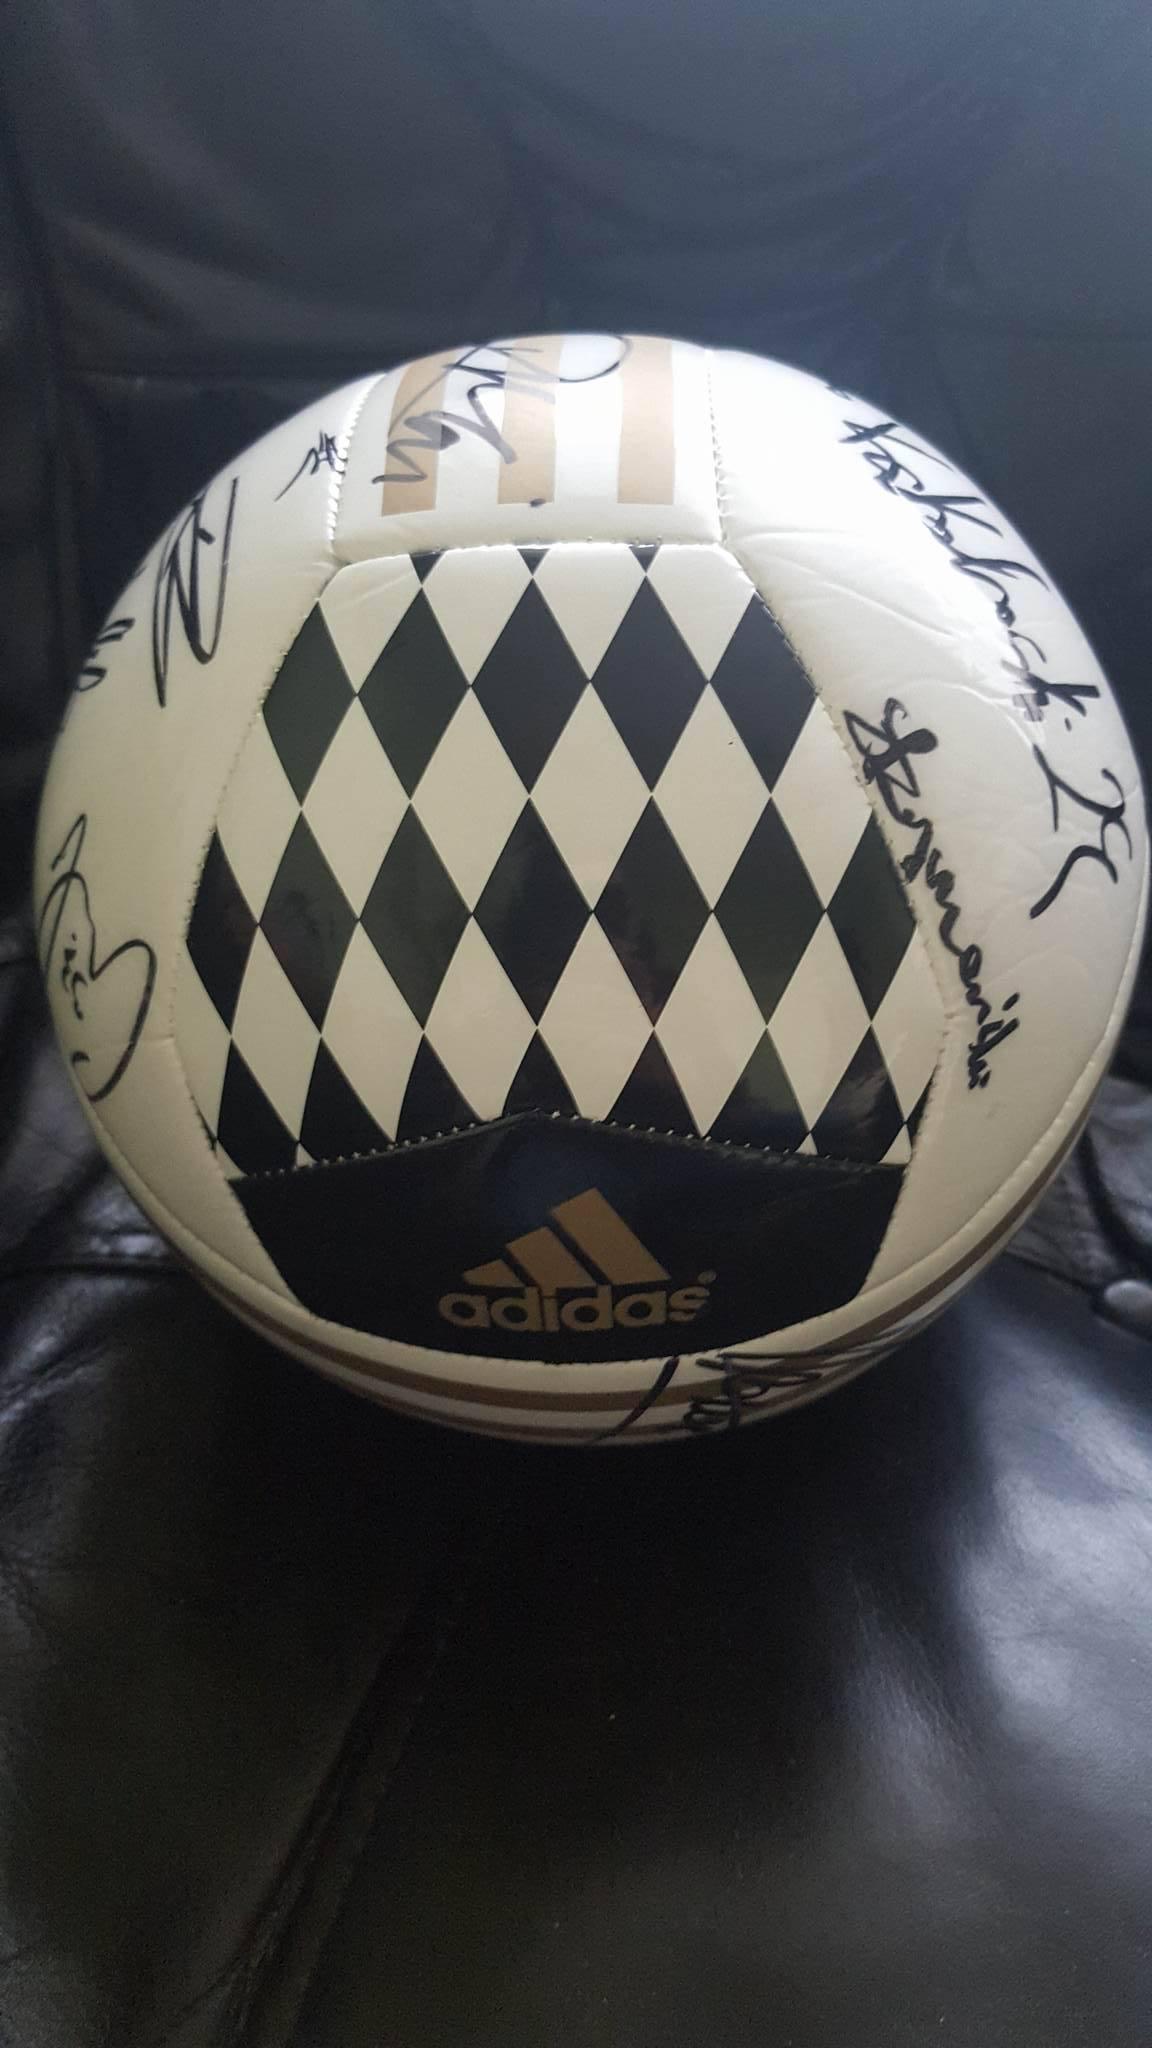 ca3d3ae60 Piłka adidas Legii z podpisami piłkarzy Oryginał - 7086739783 ...